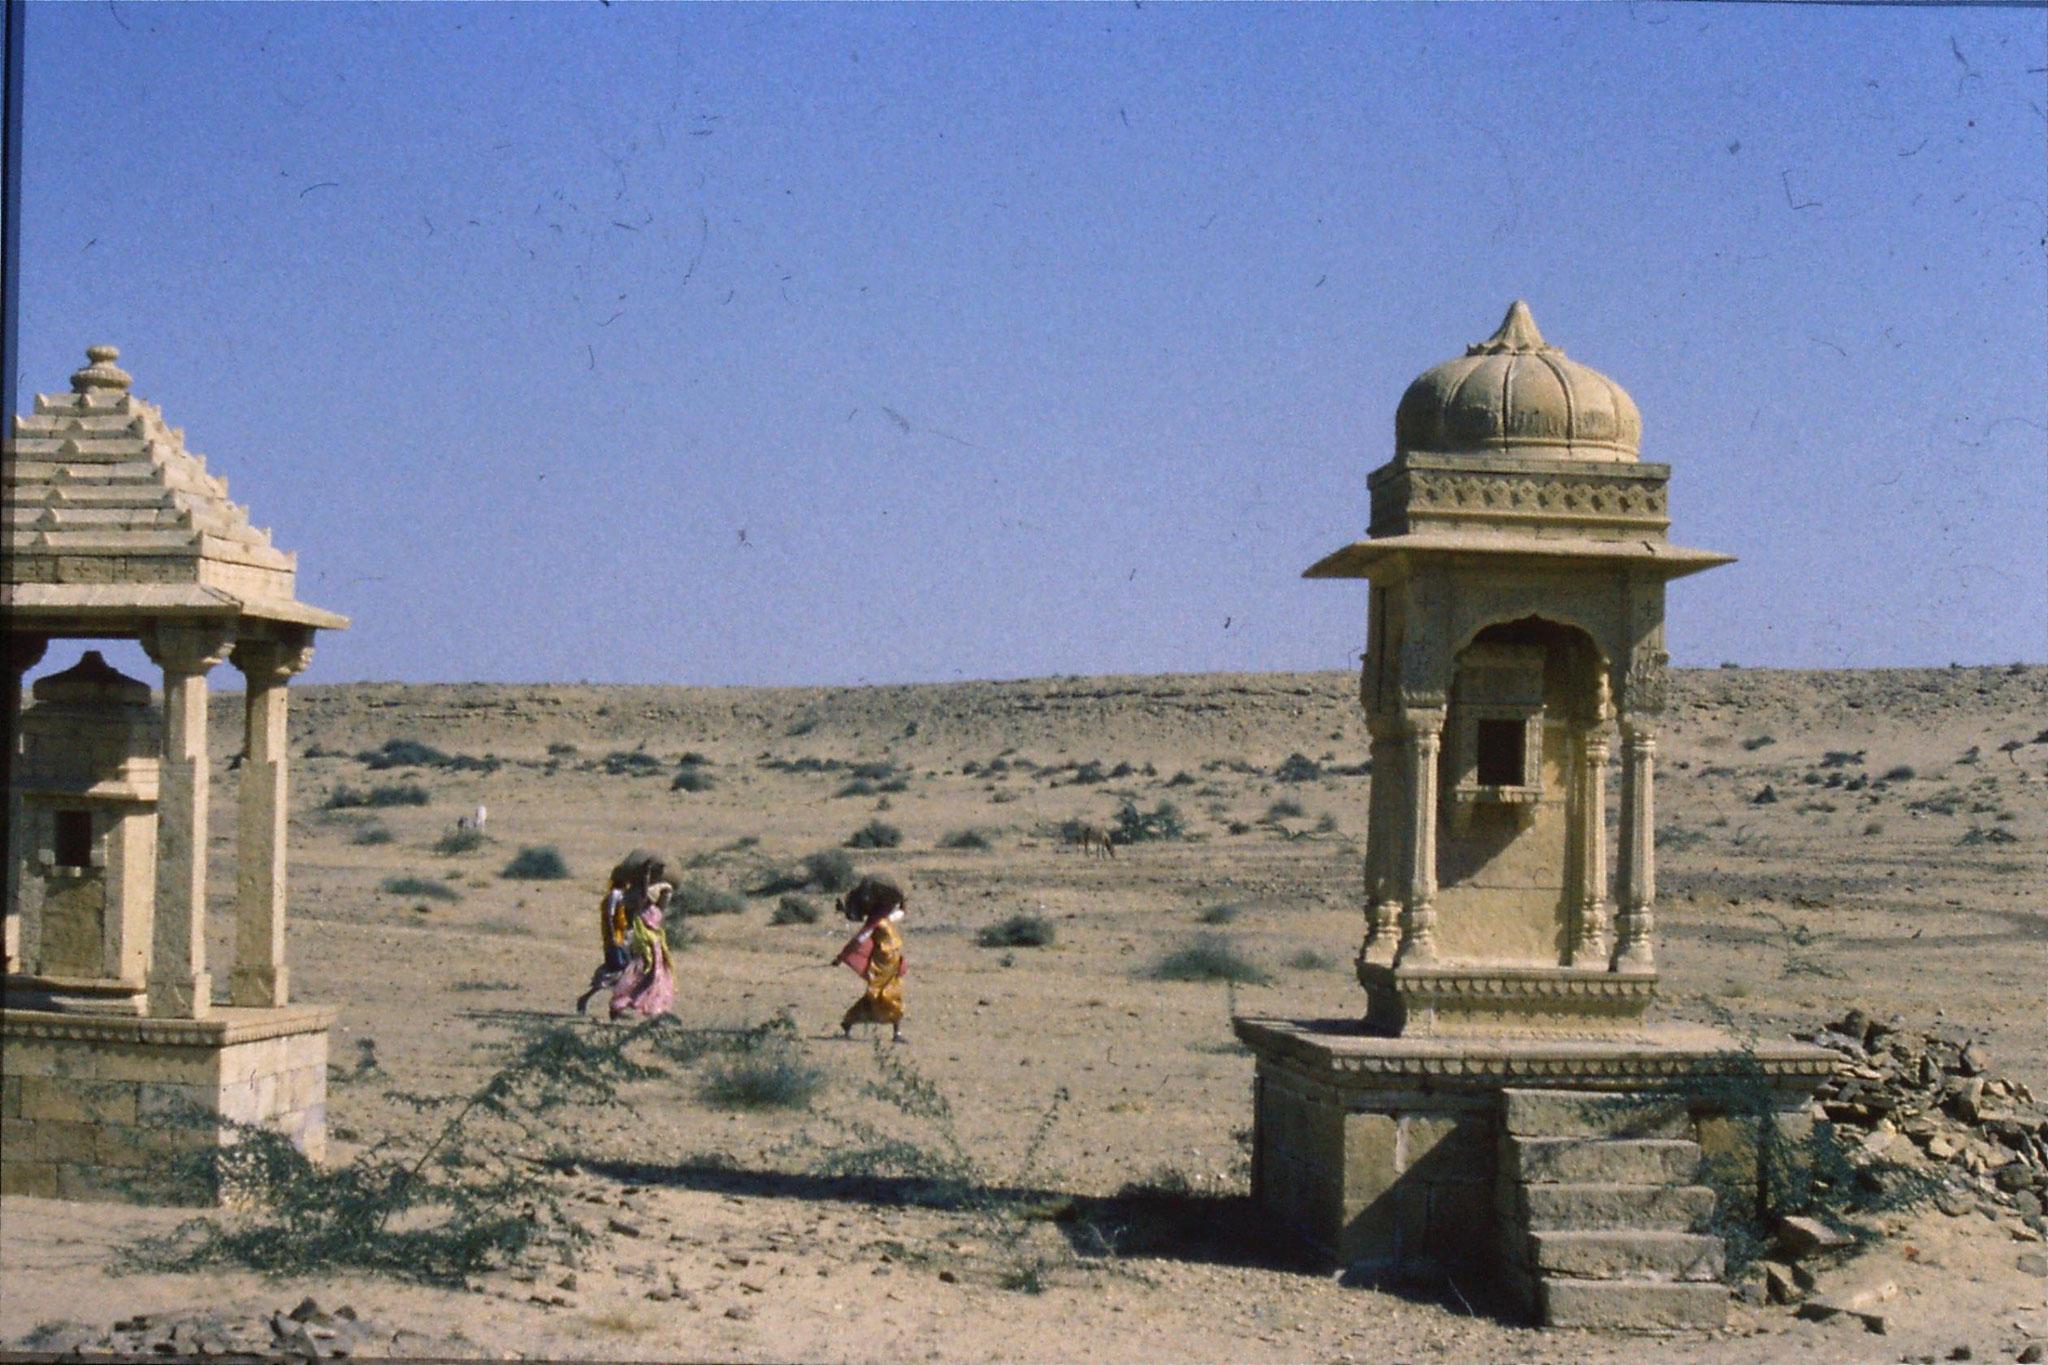 30/11/1989: 19: Jaisalmer